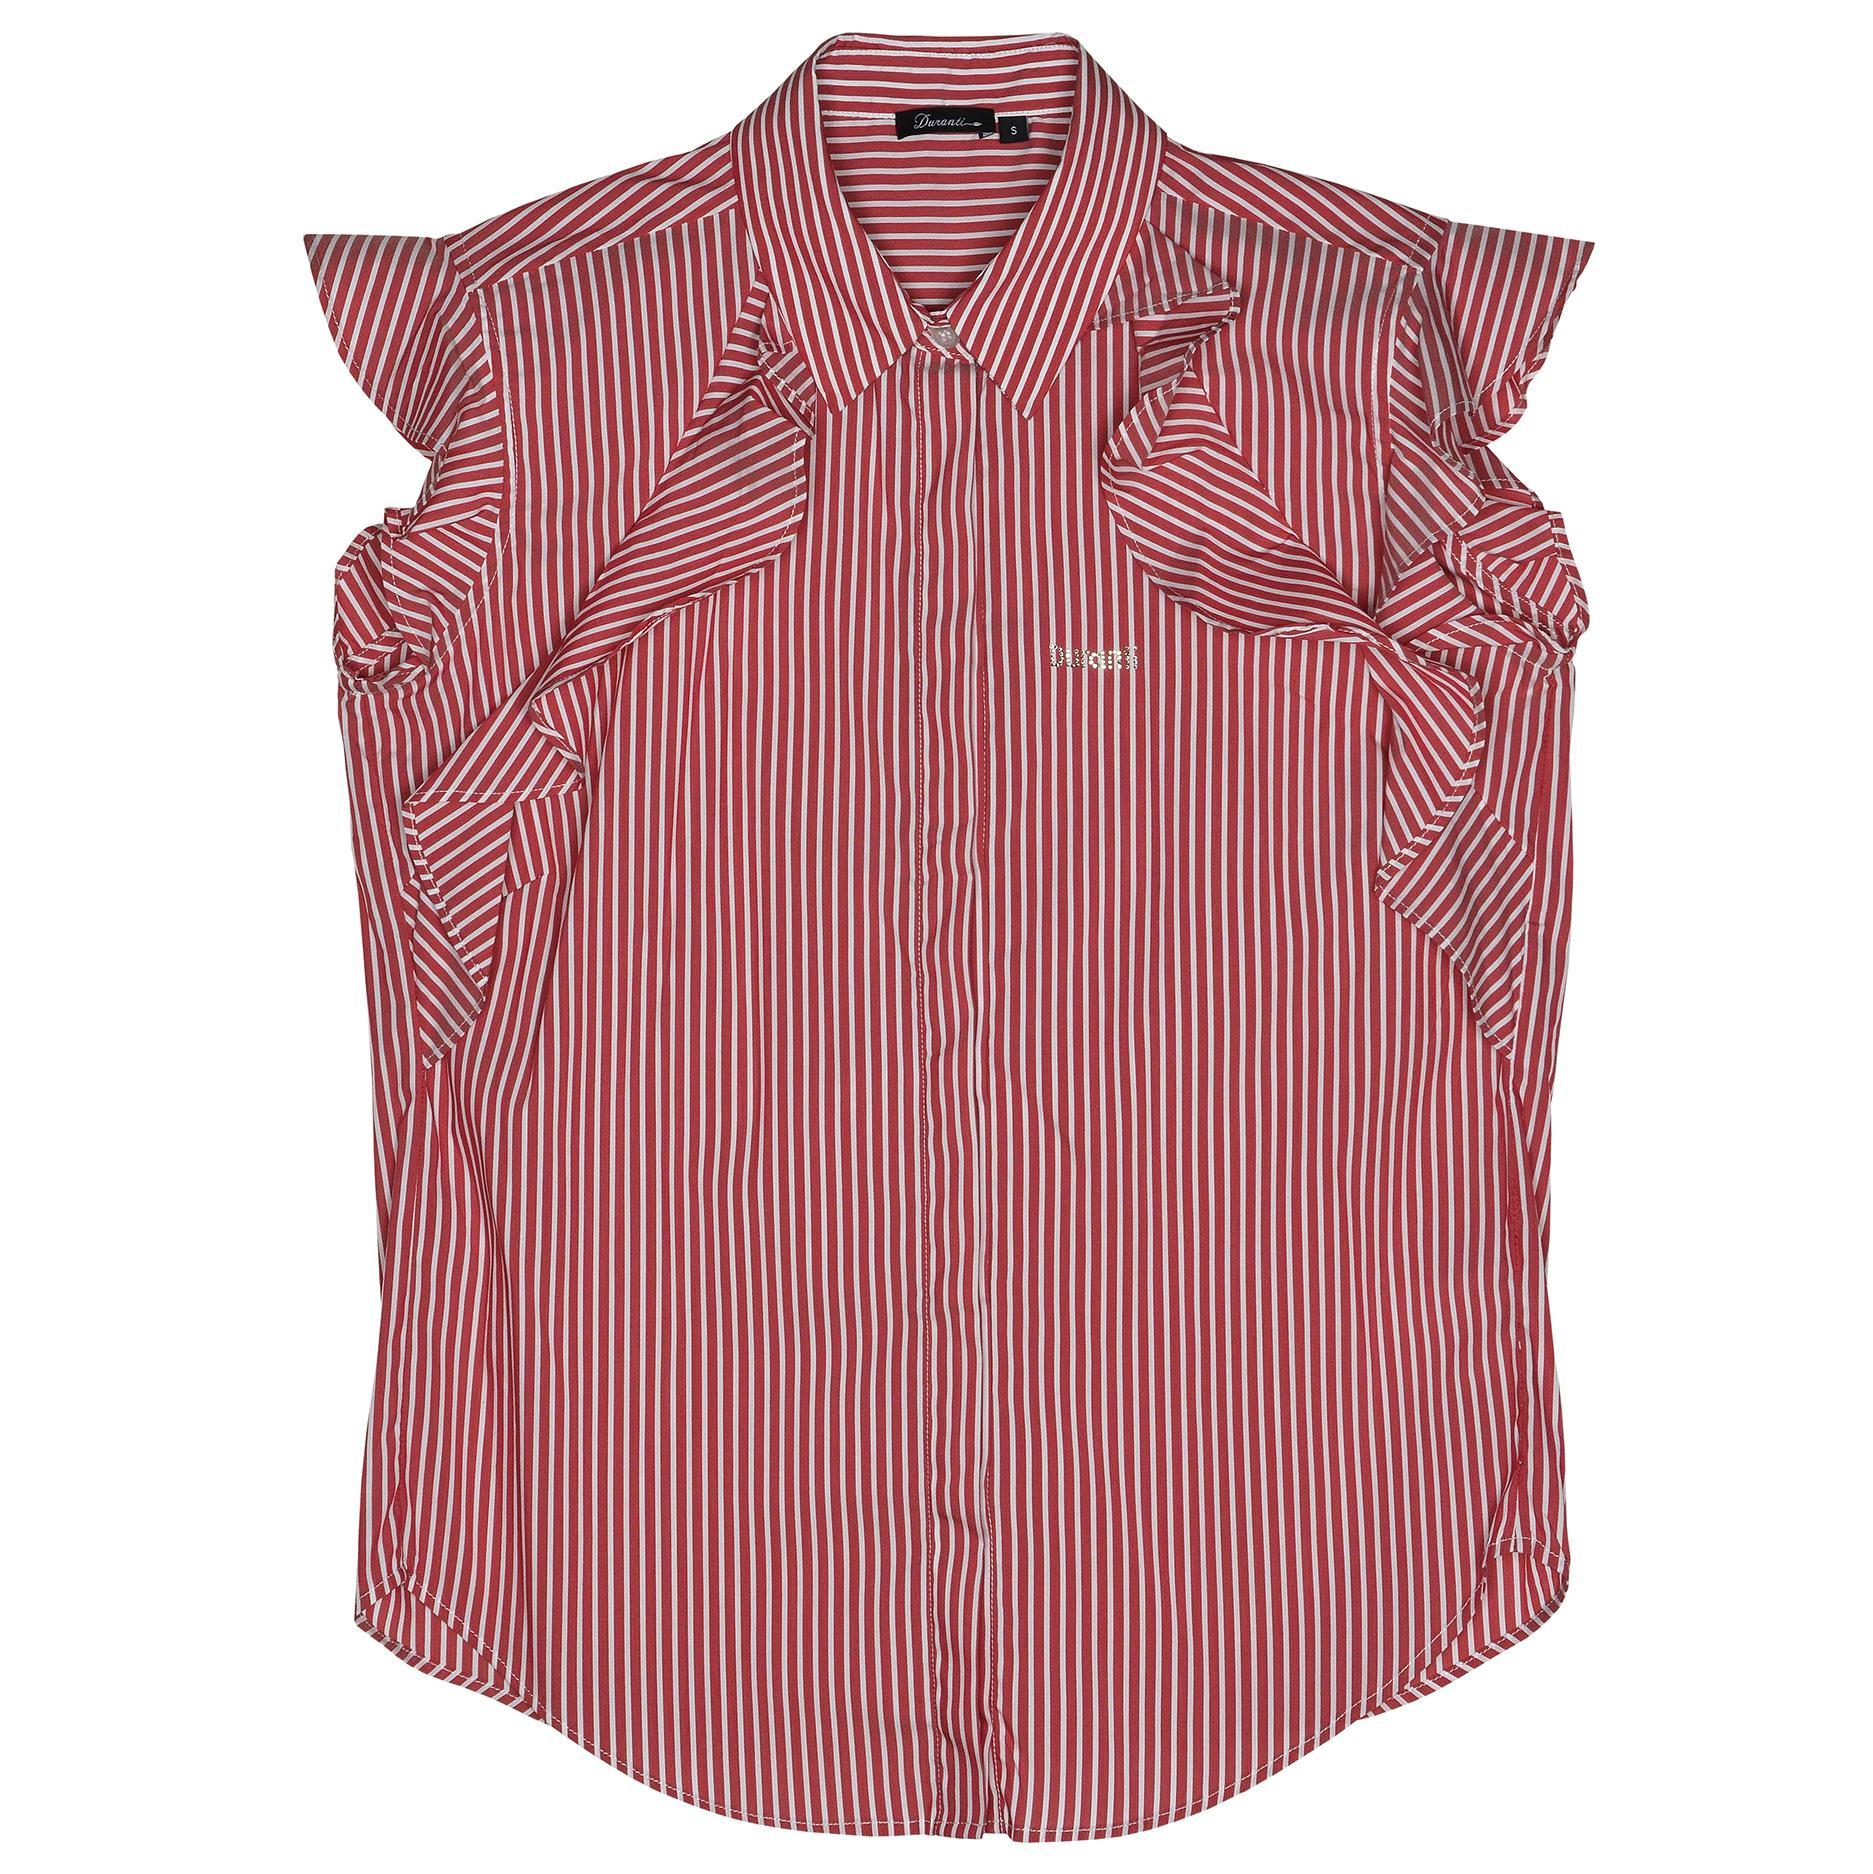 hemd 1 gestreept rood